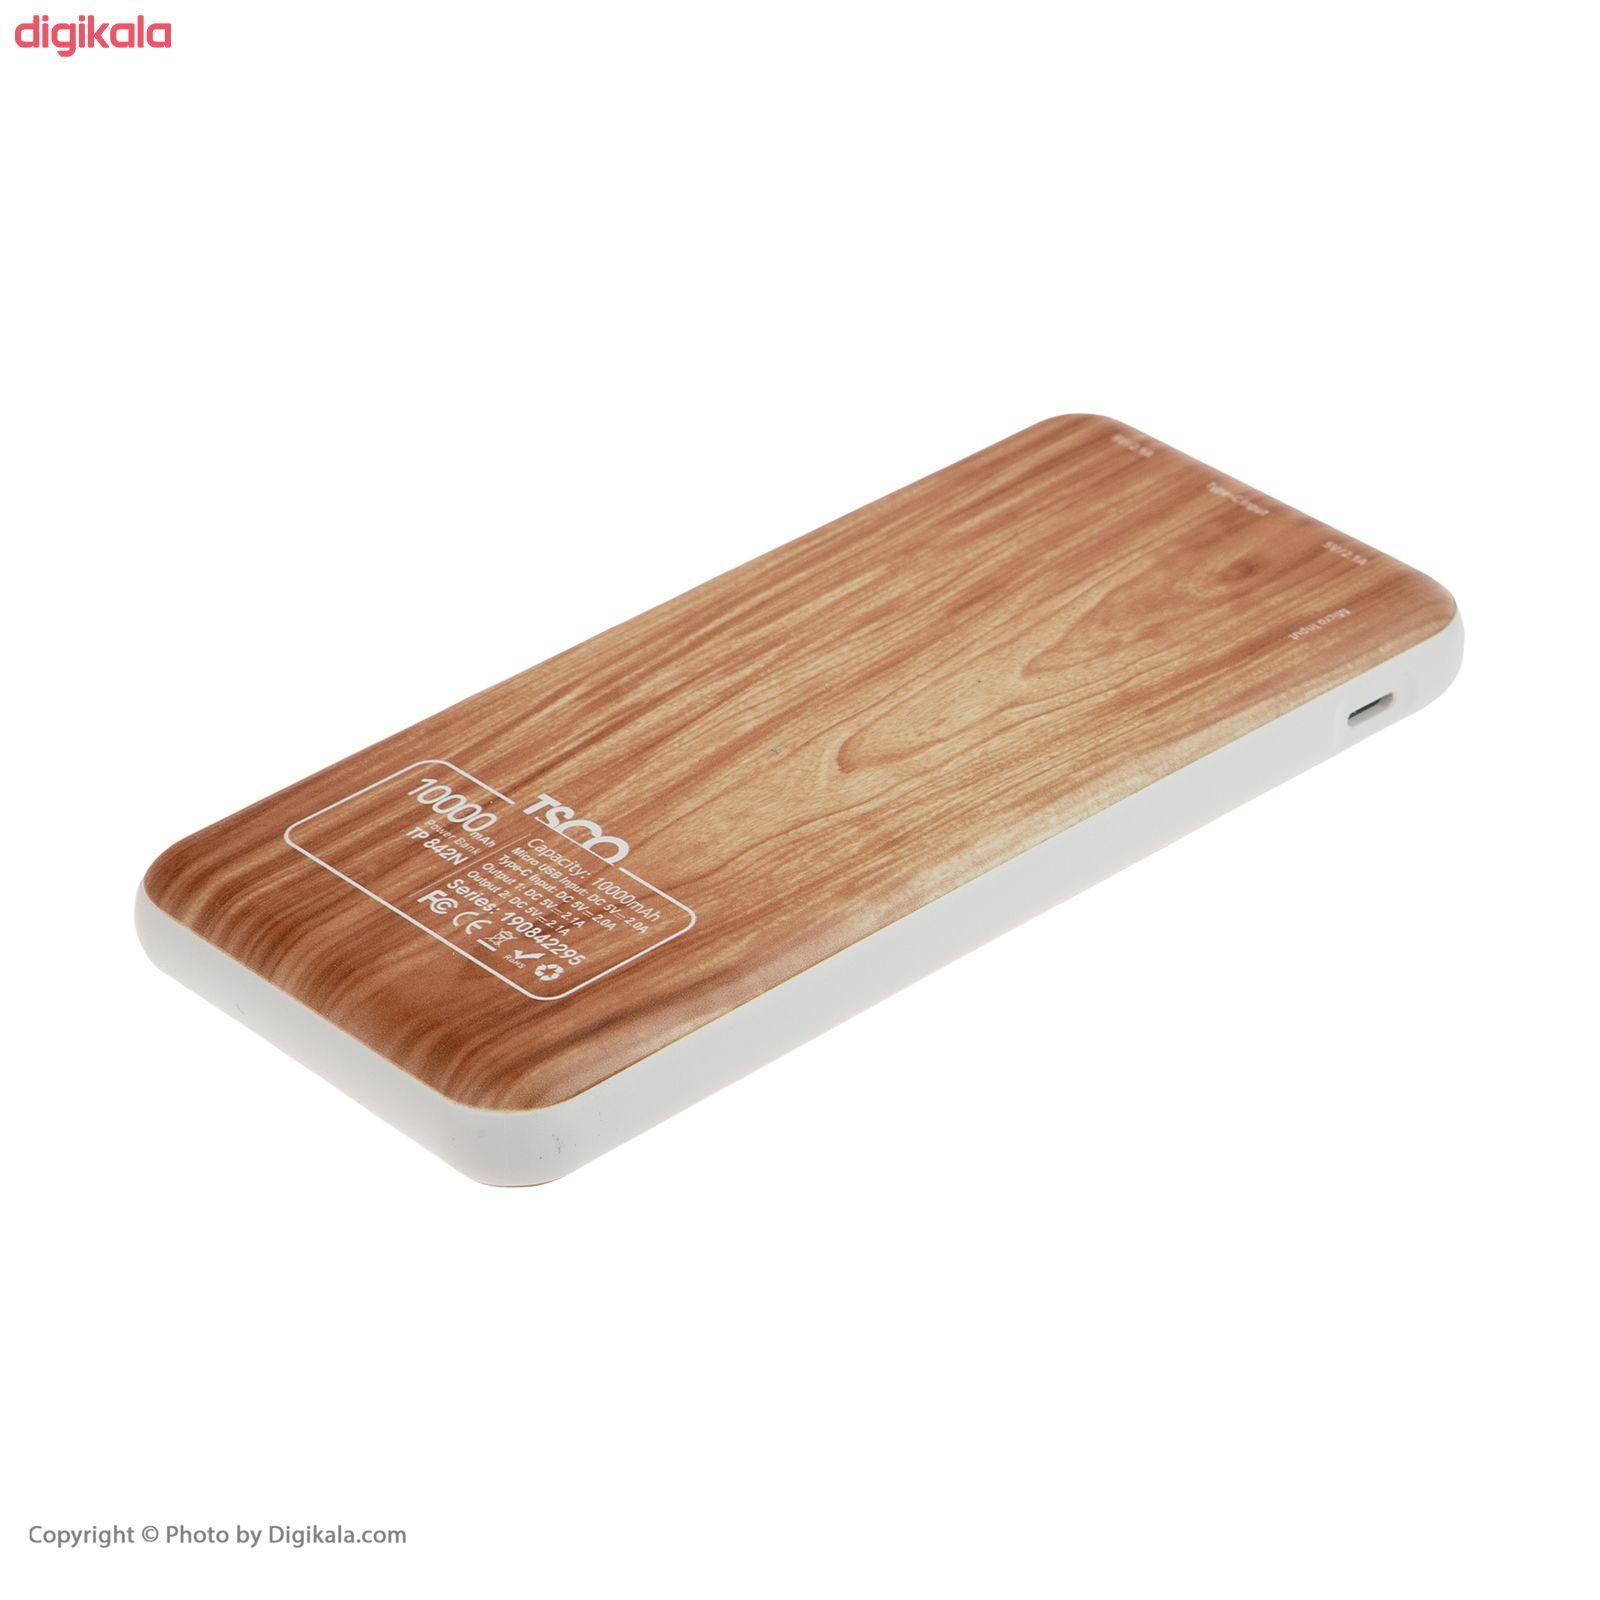 گوشی موبایل هوآوی مدل Y9 2019 JKM-LX1 دو سیم کارت ظرفیت 64 گیگابایت و رم 4 گیگابایت بههمراه شارژر همراه تسکو مدل TP 842N ظرفیت 10000 میلیآمپرساعت main 1 24